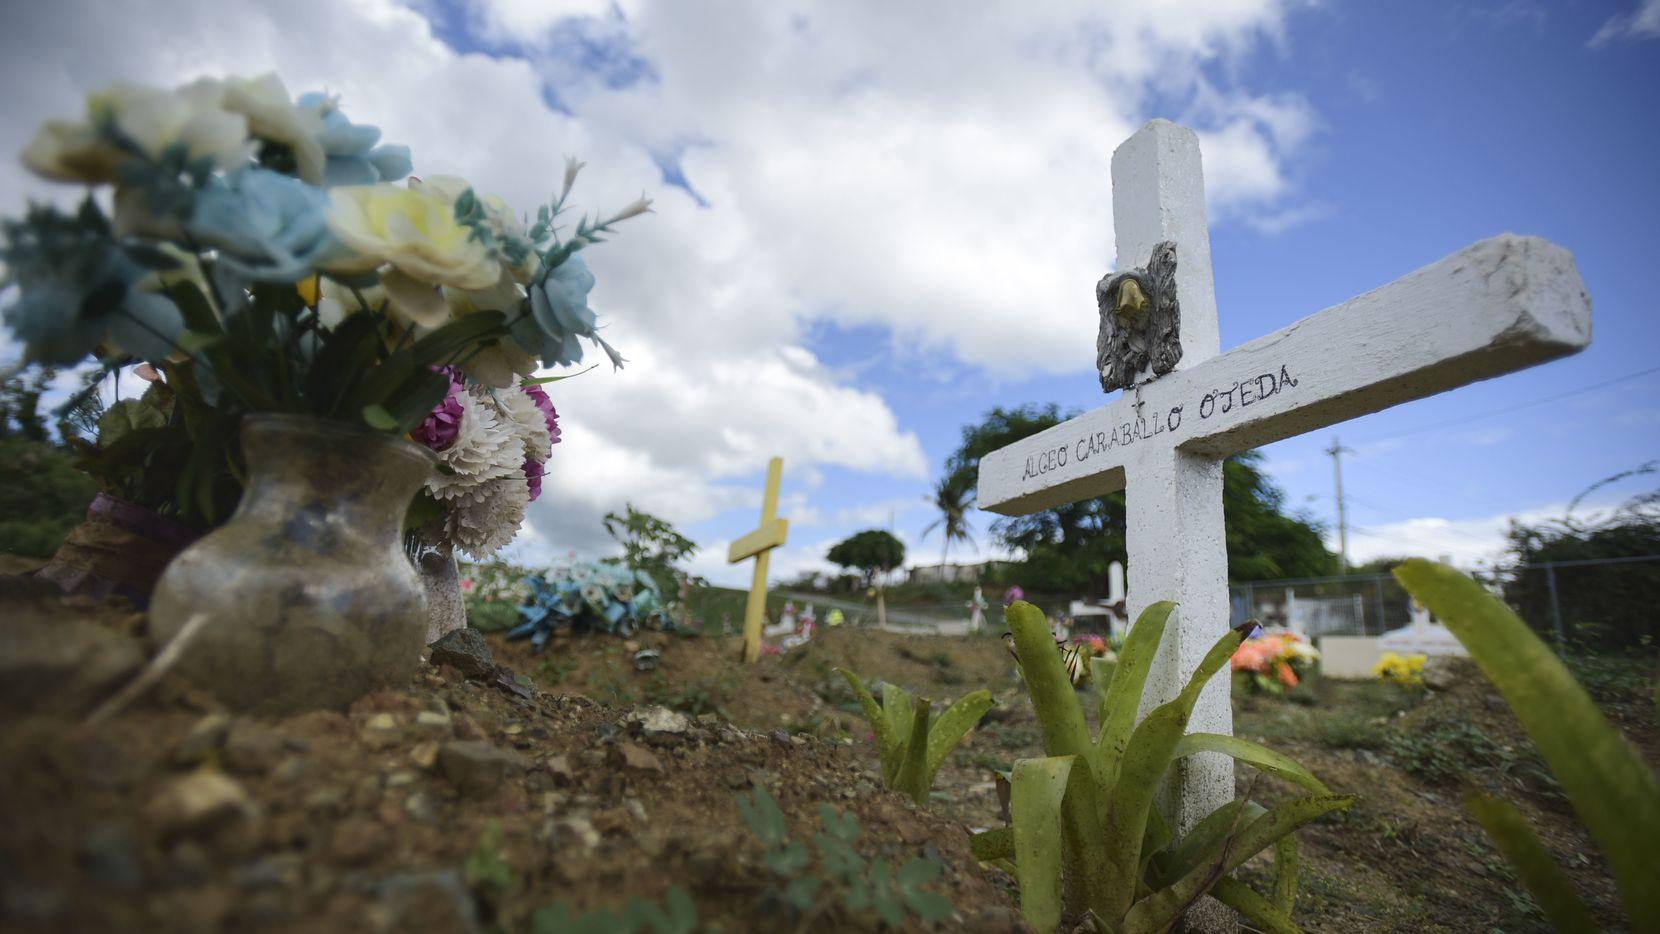 Sepultura de Argeo Caraballo en el cementerio municipal de Vieques. Argeo tenía 70 años y era paciente de diabetes y falleció esperando una unidad mobil para realizar diálisis, pero debido al huracán y la tardanza en la ayuda, esa unidad no llegó a tiempo para salvarle la vida. AP